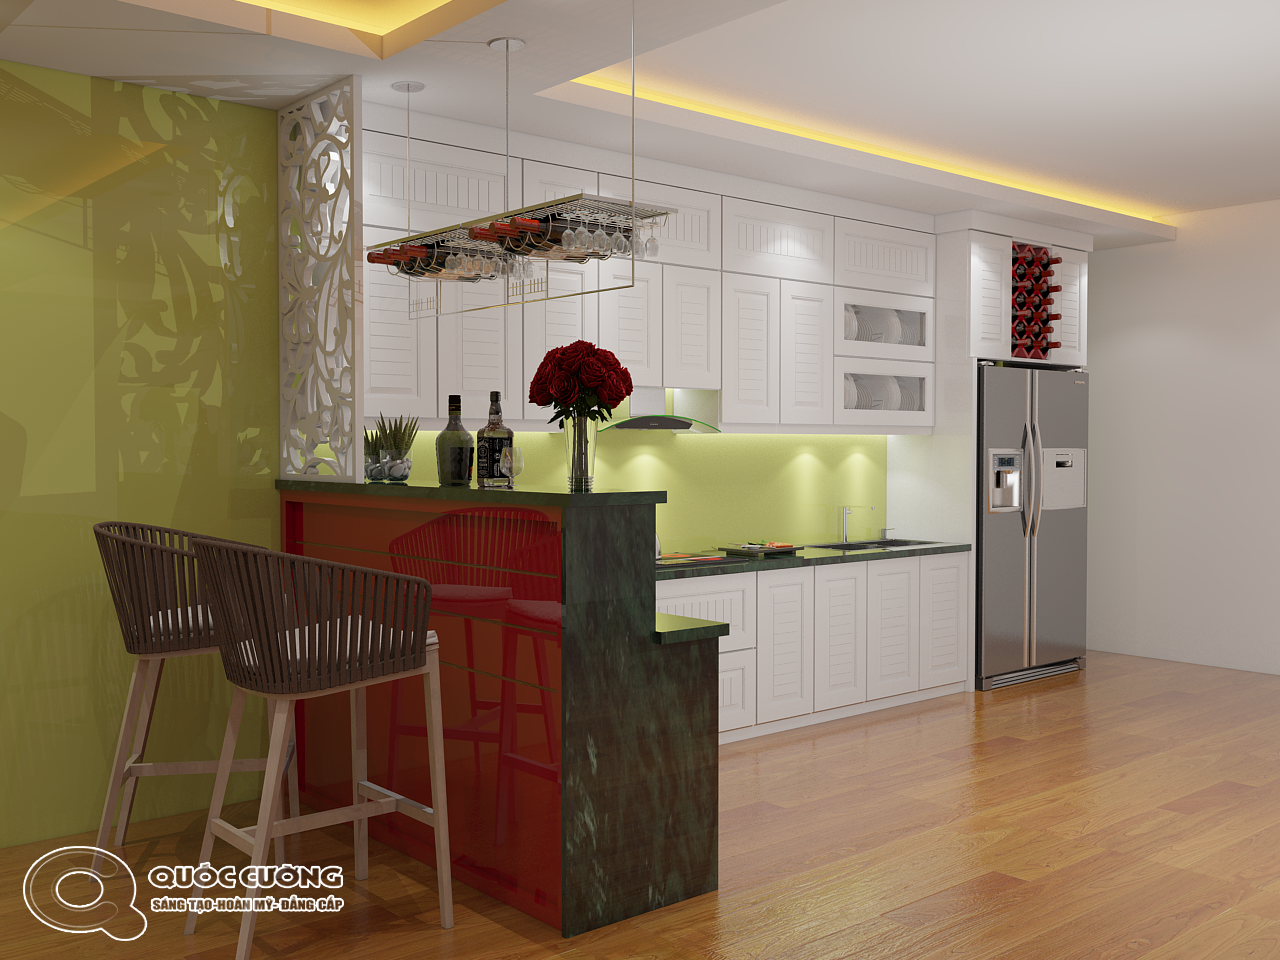 Tủ bếp AR12 có vẻ đẹp hiện đại của chất liệu Acrylic Quốc Cường bóng gương đồng thời cũng rất dễ dàng vệ sinh trong quá trình sử dụng